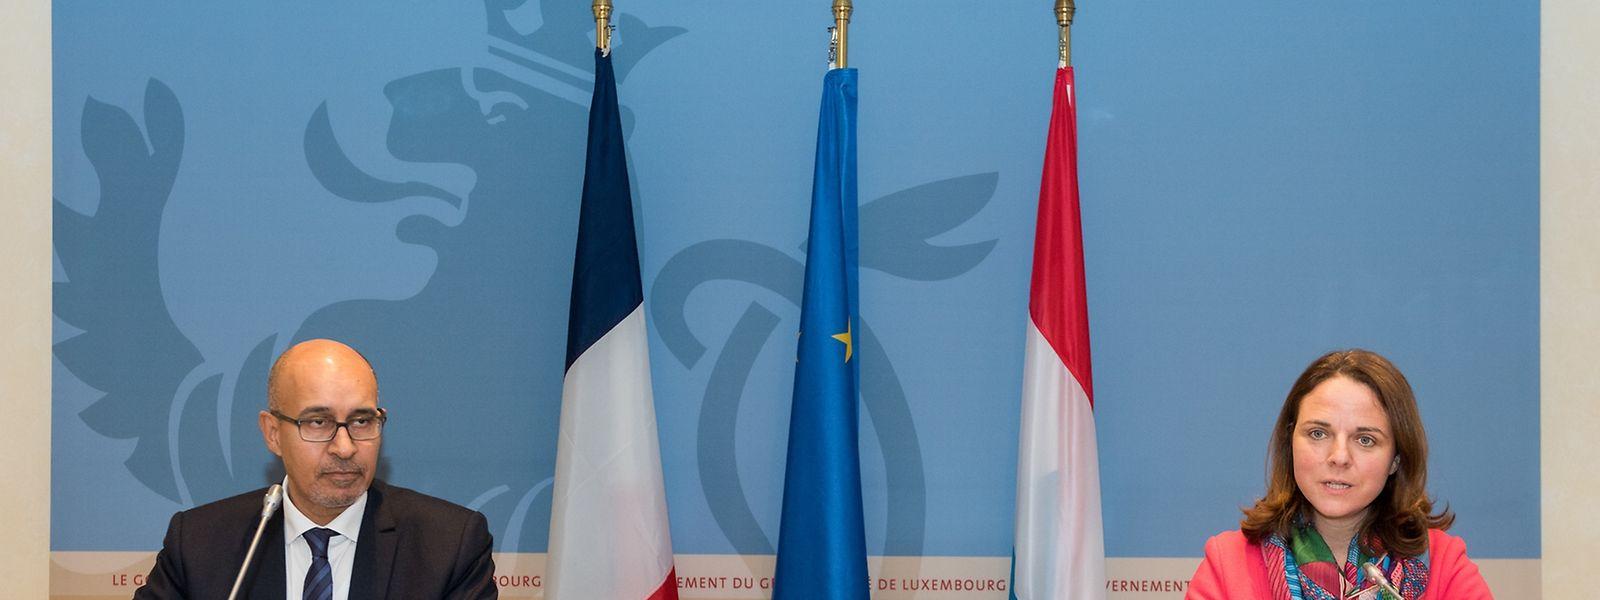 Harlem Désir, secrétaire d'État aux Affaires européennes, et Corinne Cahen, ministre de la Grande Région.